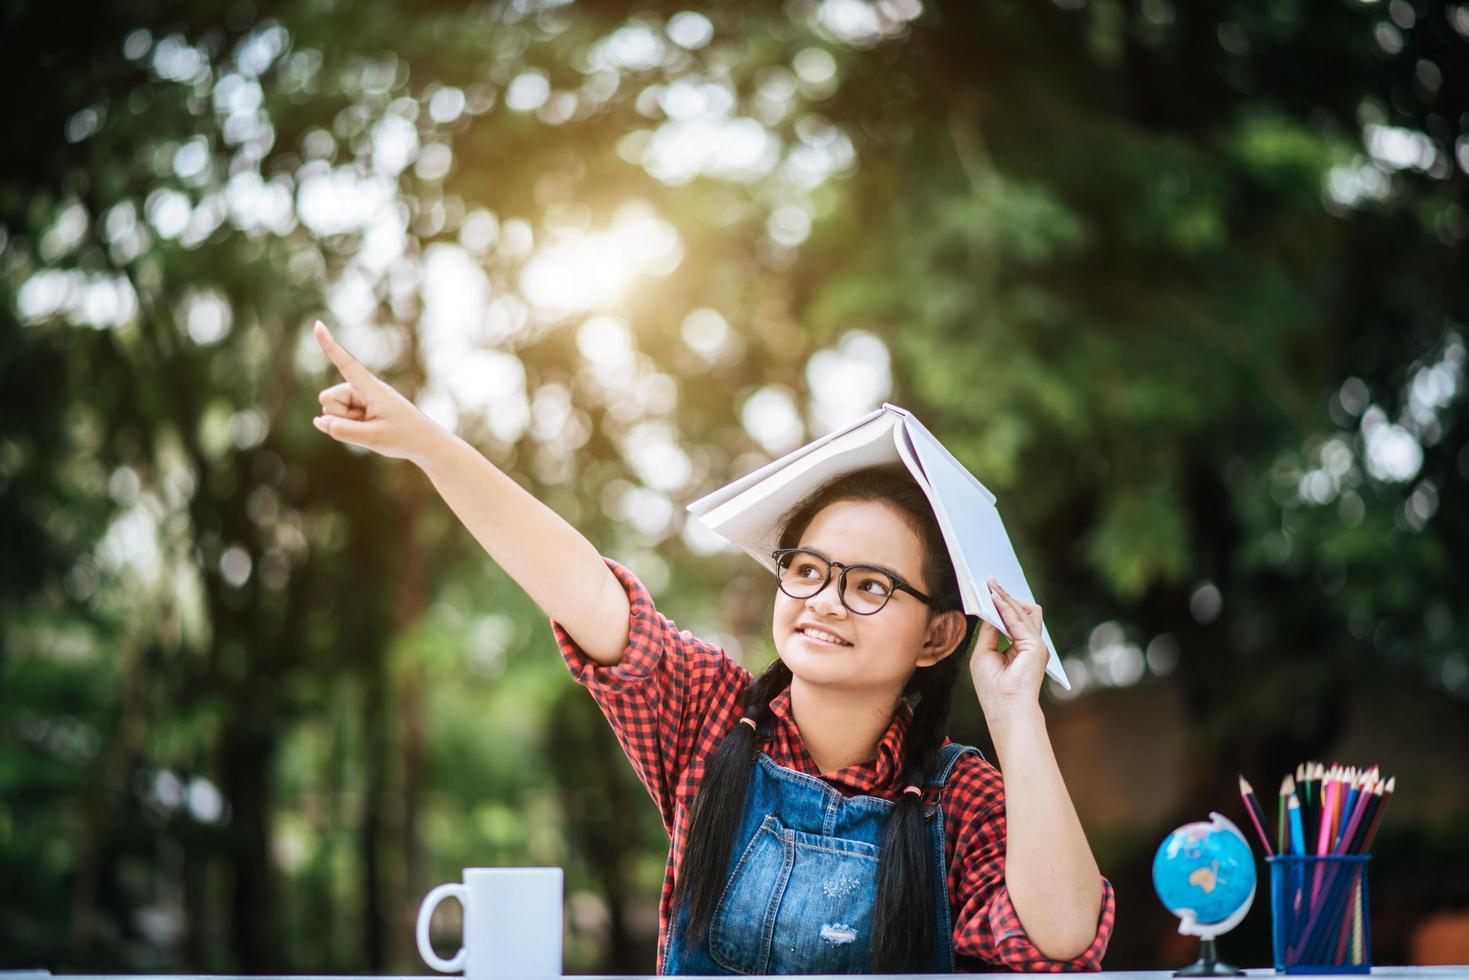 jeune fille avec un livre sur sa tête dans le parc photo